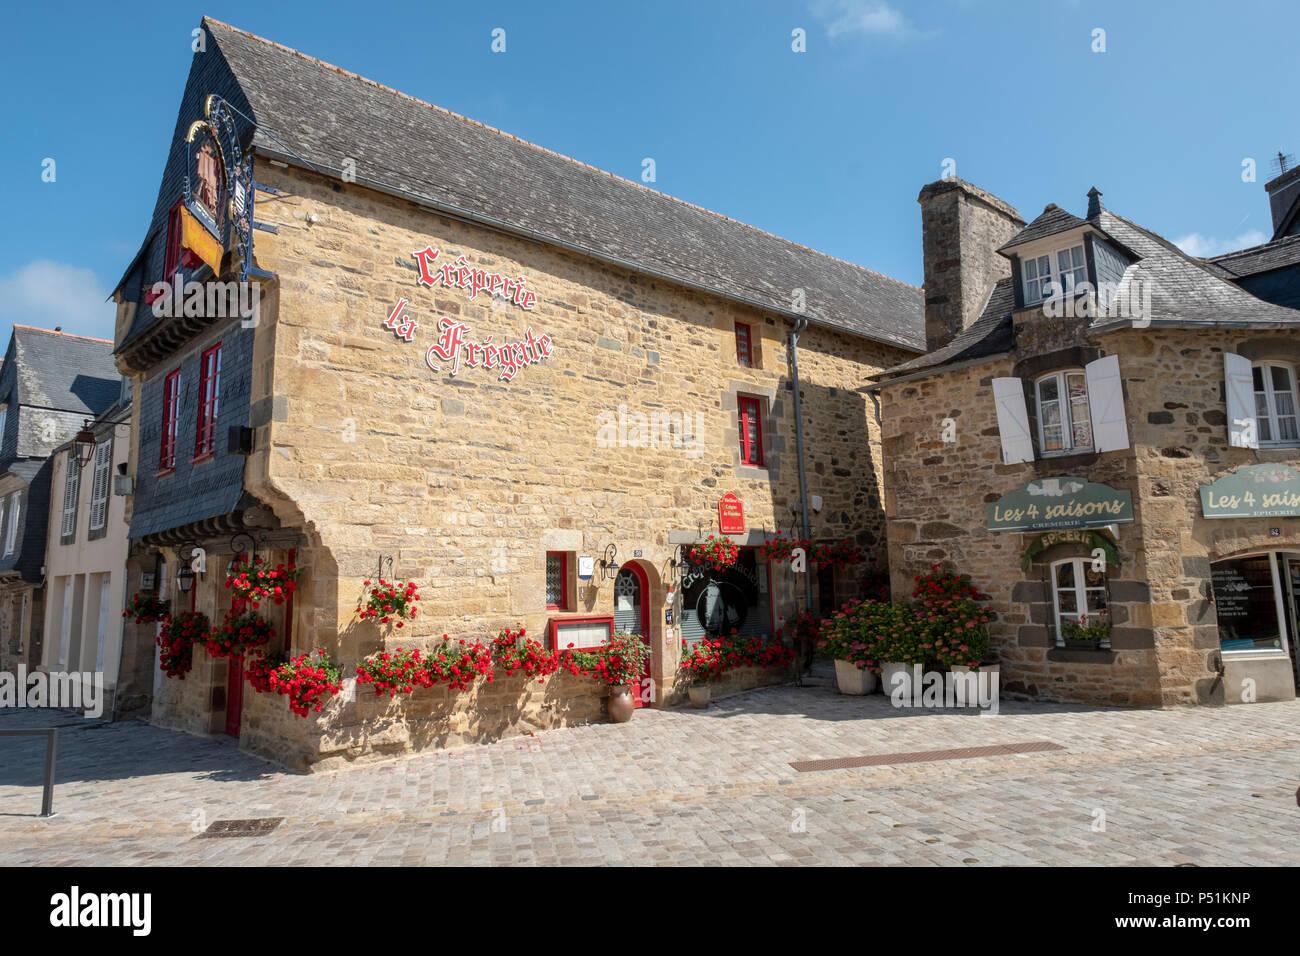 La Frigate Creperie restaurant in La Faou, Brittany France - Stock Image